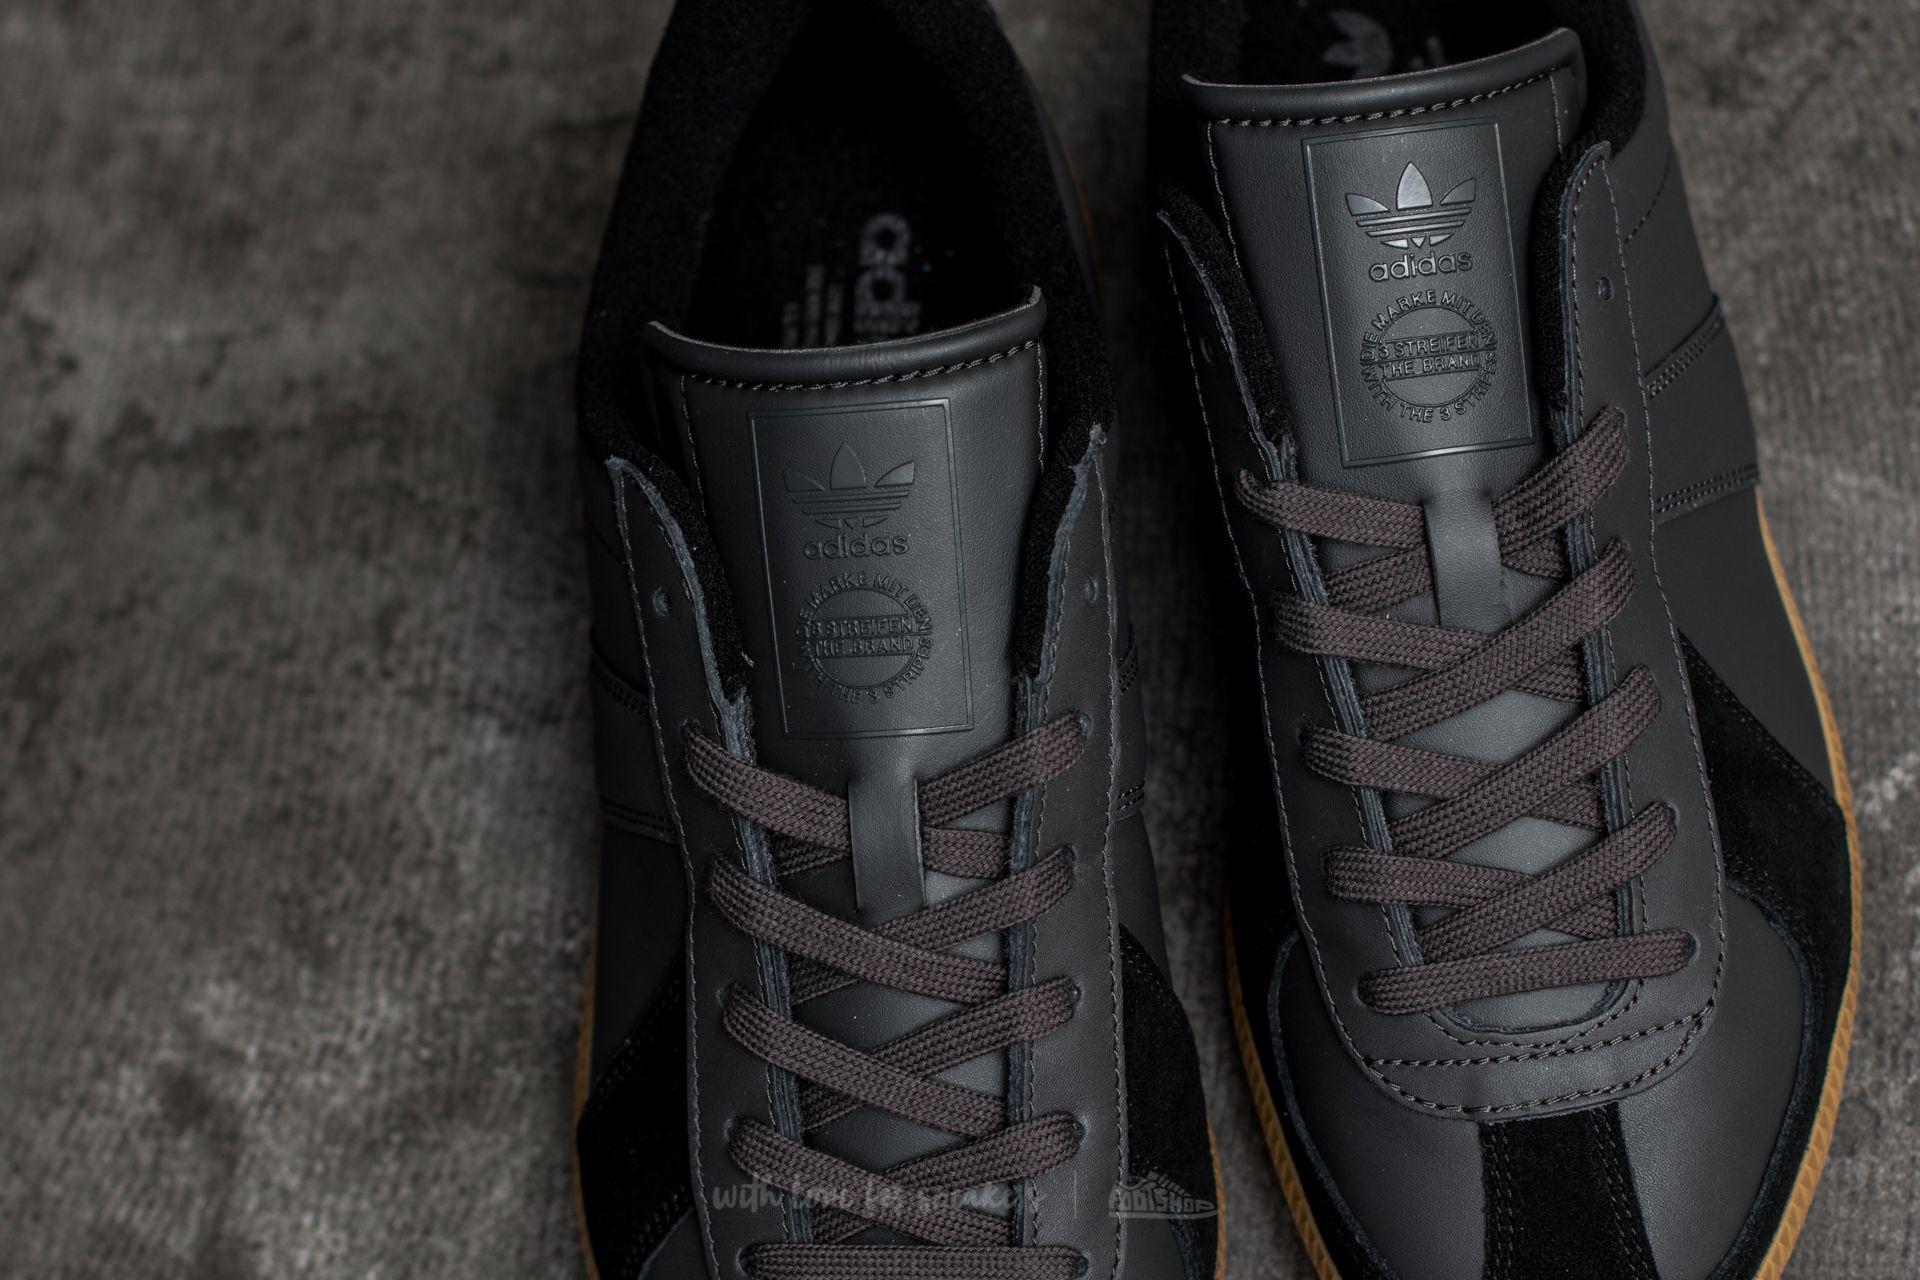 ffa4cf743d7 Lyst - adidas Originals Adidas Bw Army Utility Black  Utility Black ...